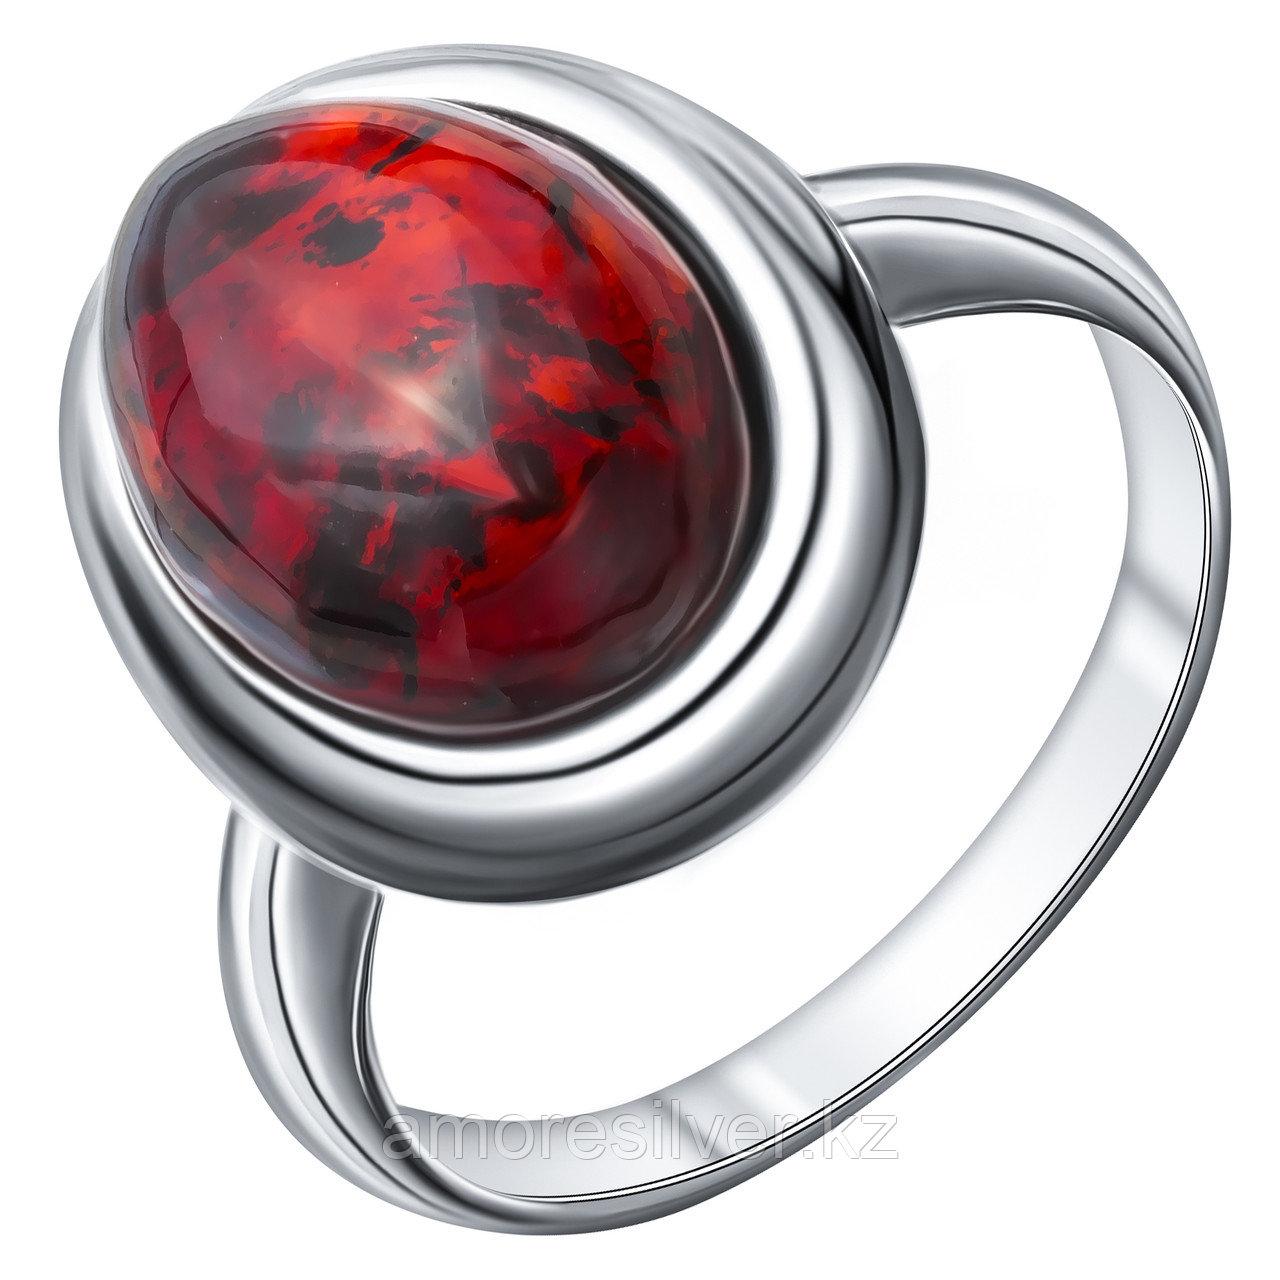 Кольцо Darvin серебро с родием, янтарь коньячный, овал 920041038aa размеры - 17,5 18